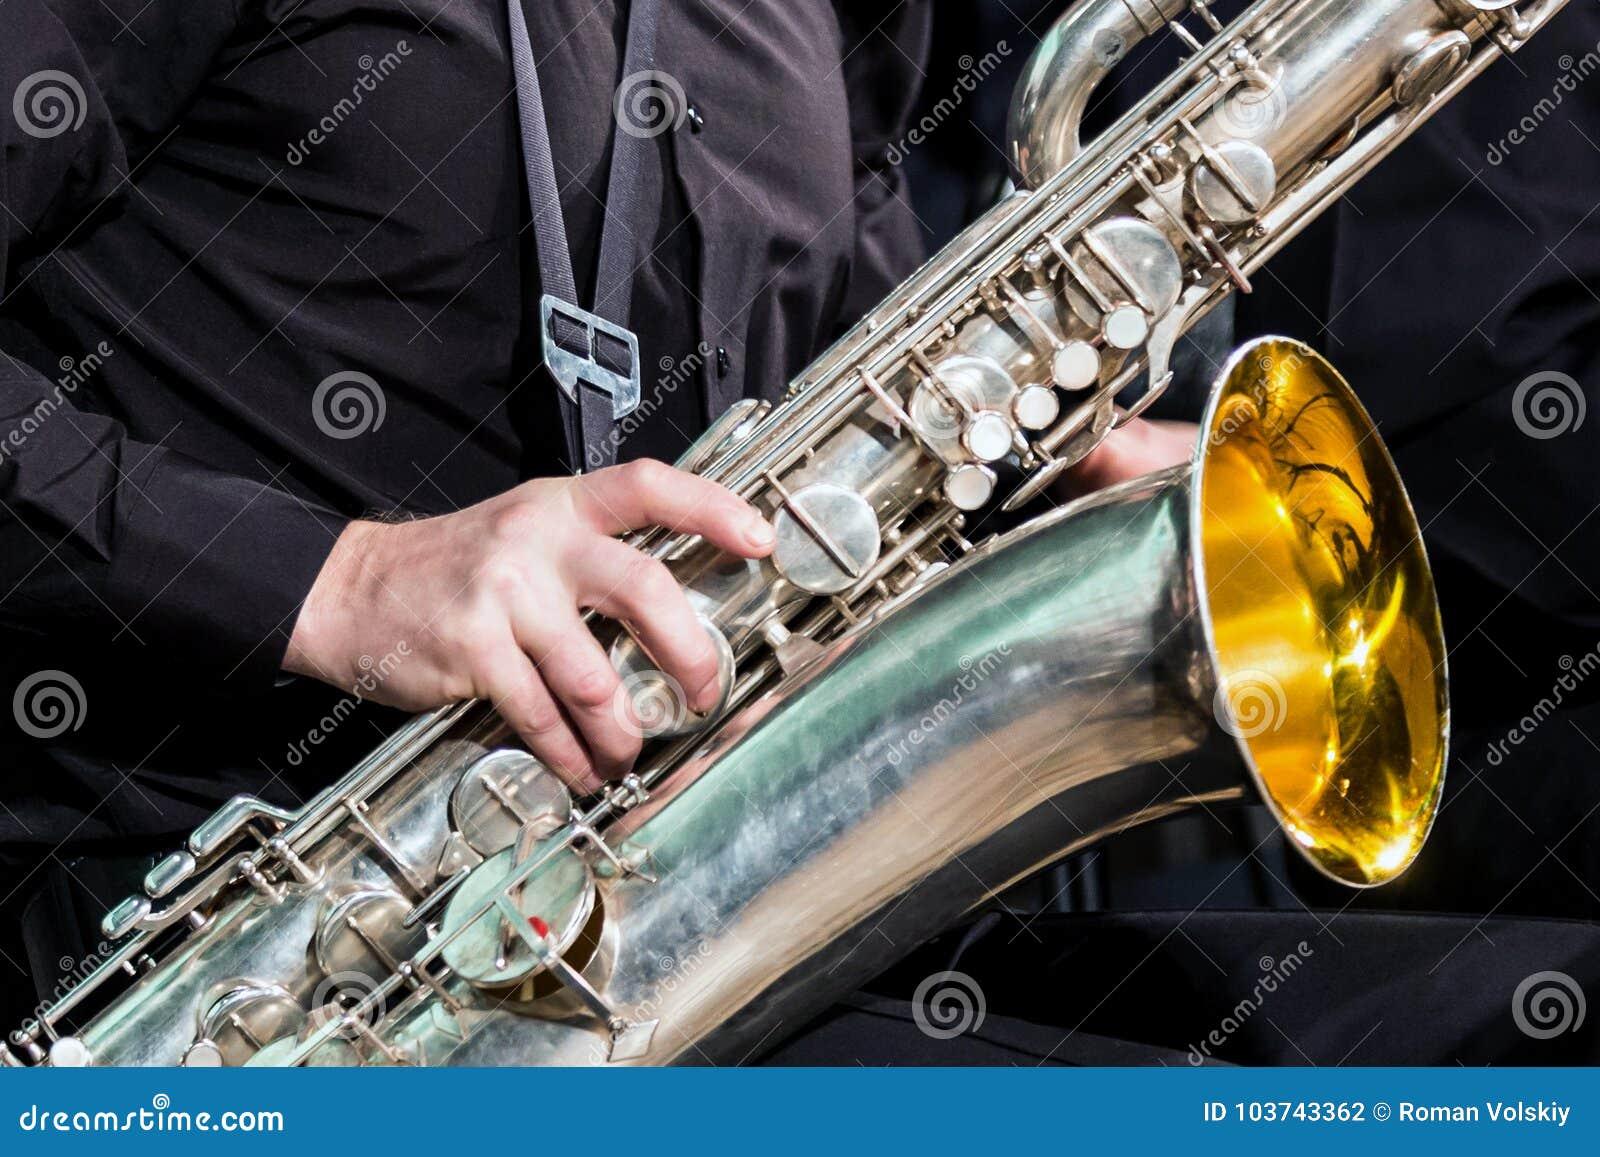 Rechts van de musicus in een zwart overhemd rust op een saxofoon-bariton Close-up